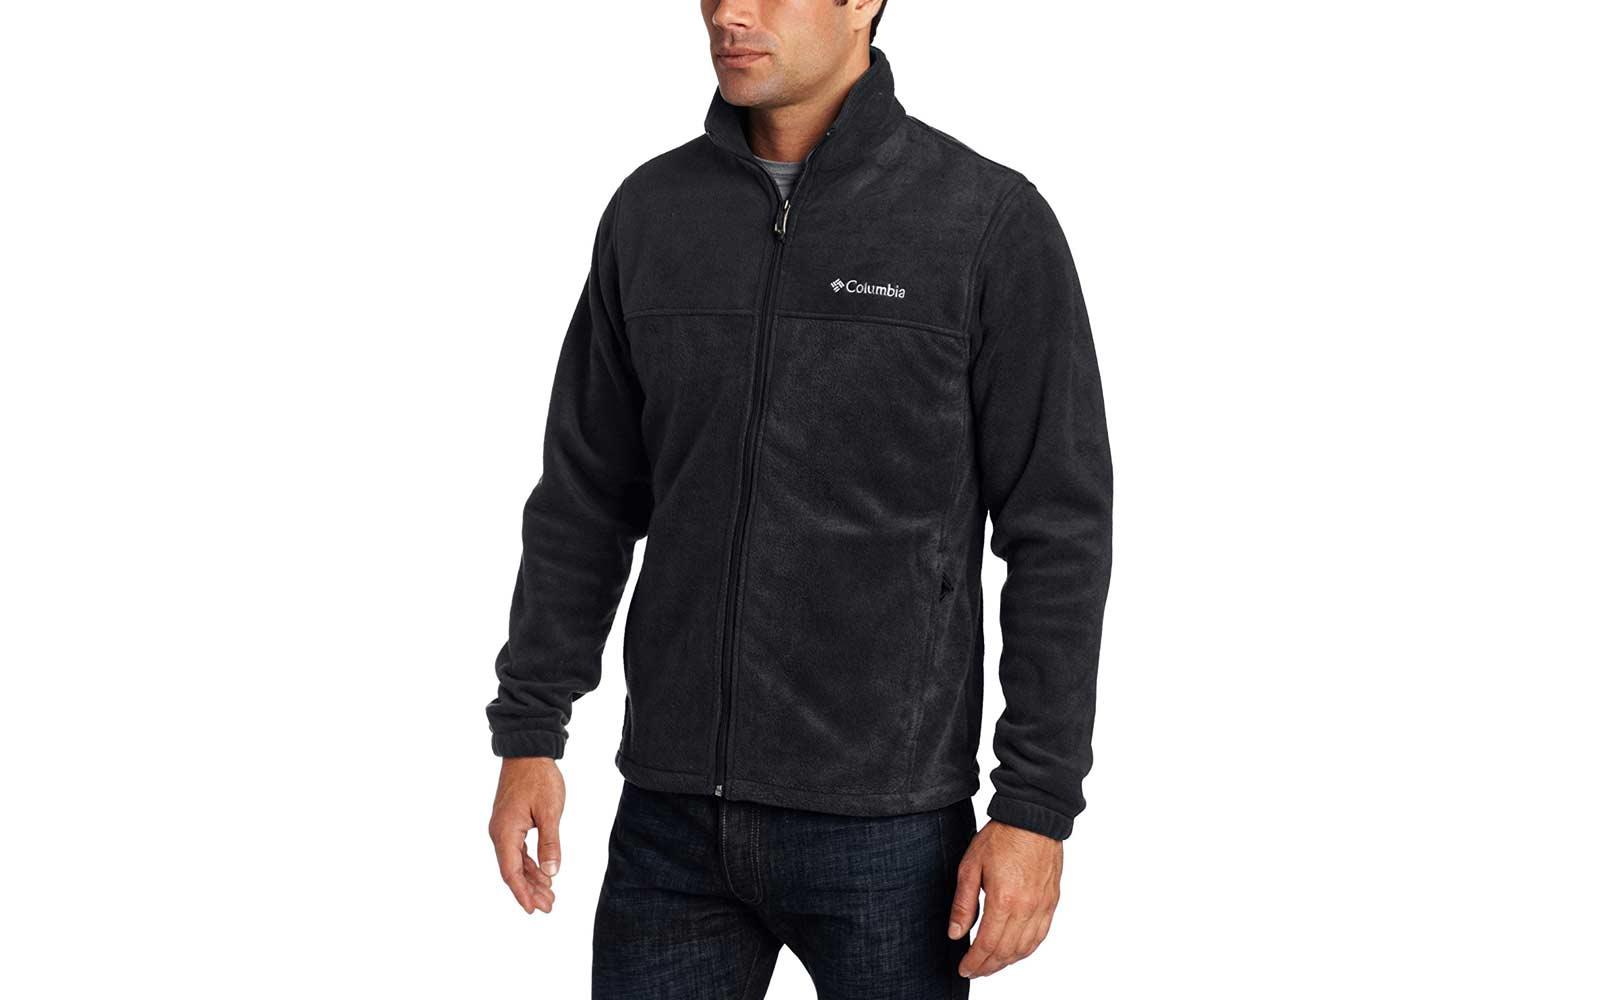 Columbia Steens Mountain Front Zip Fleece Jacket